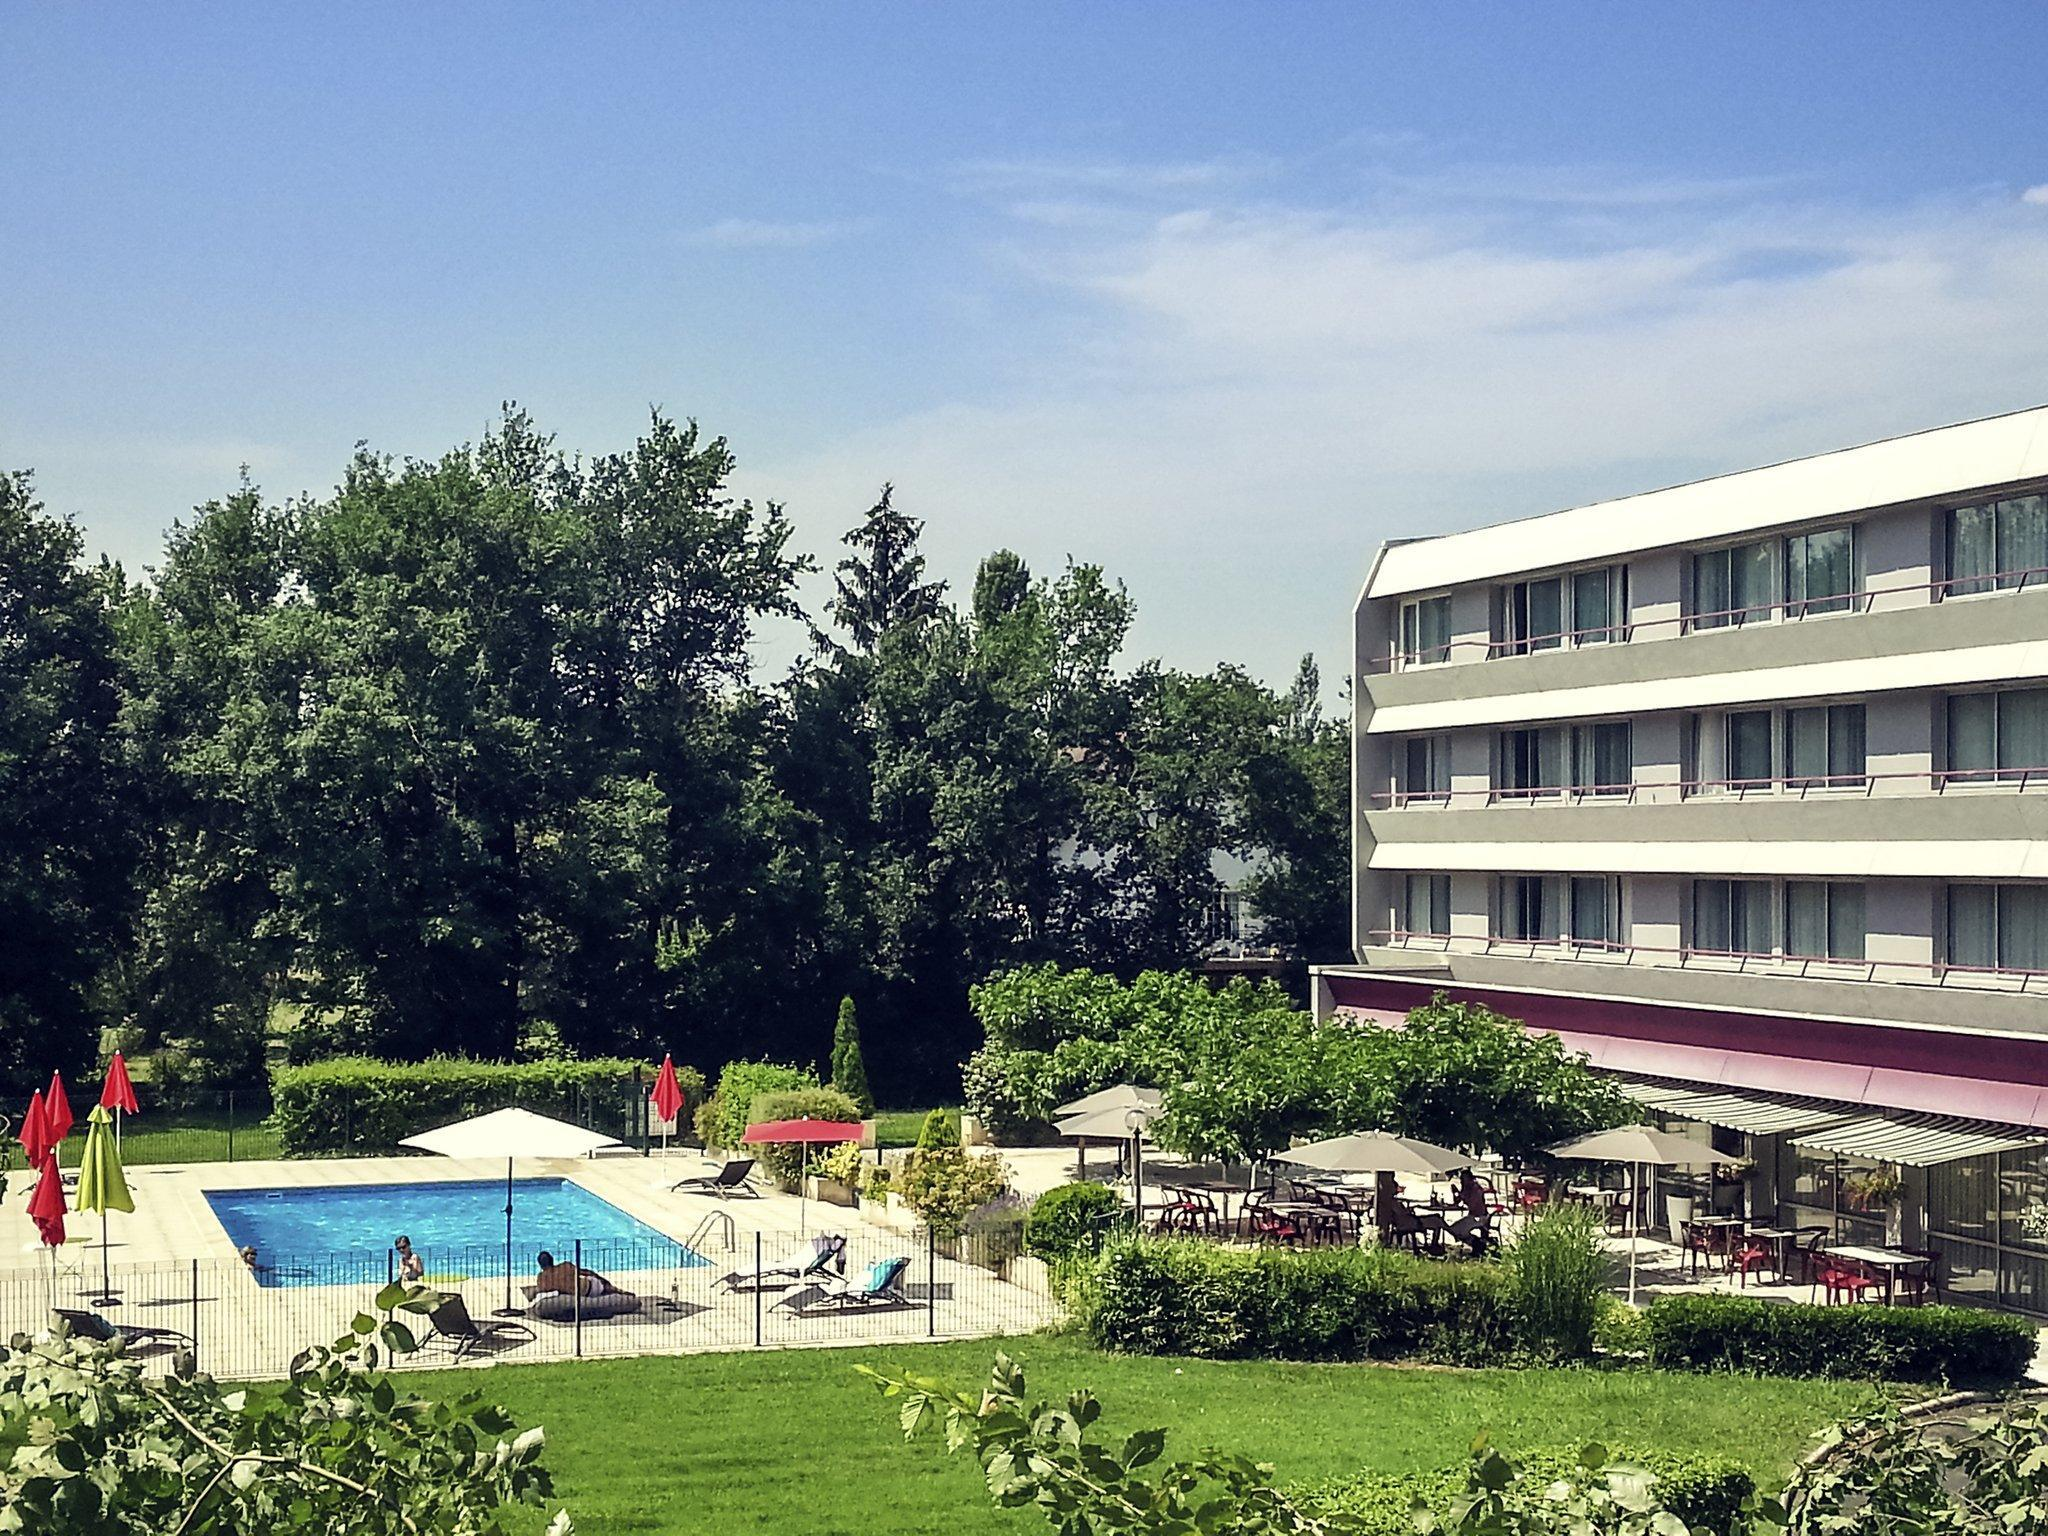 Hotel Mercure Brive